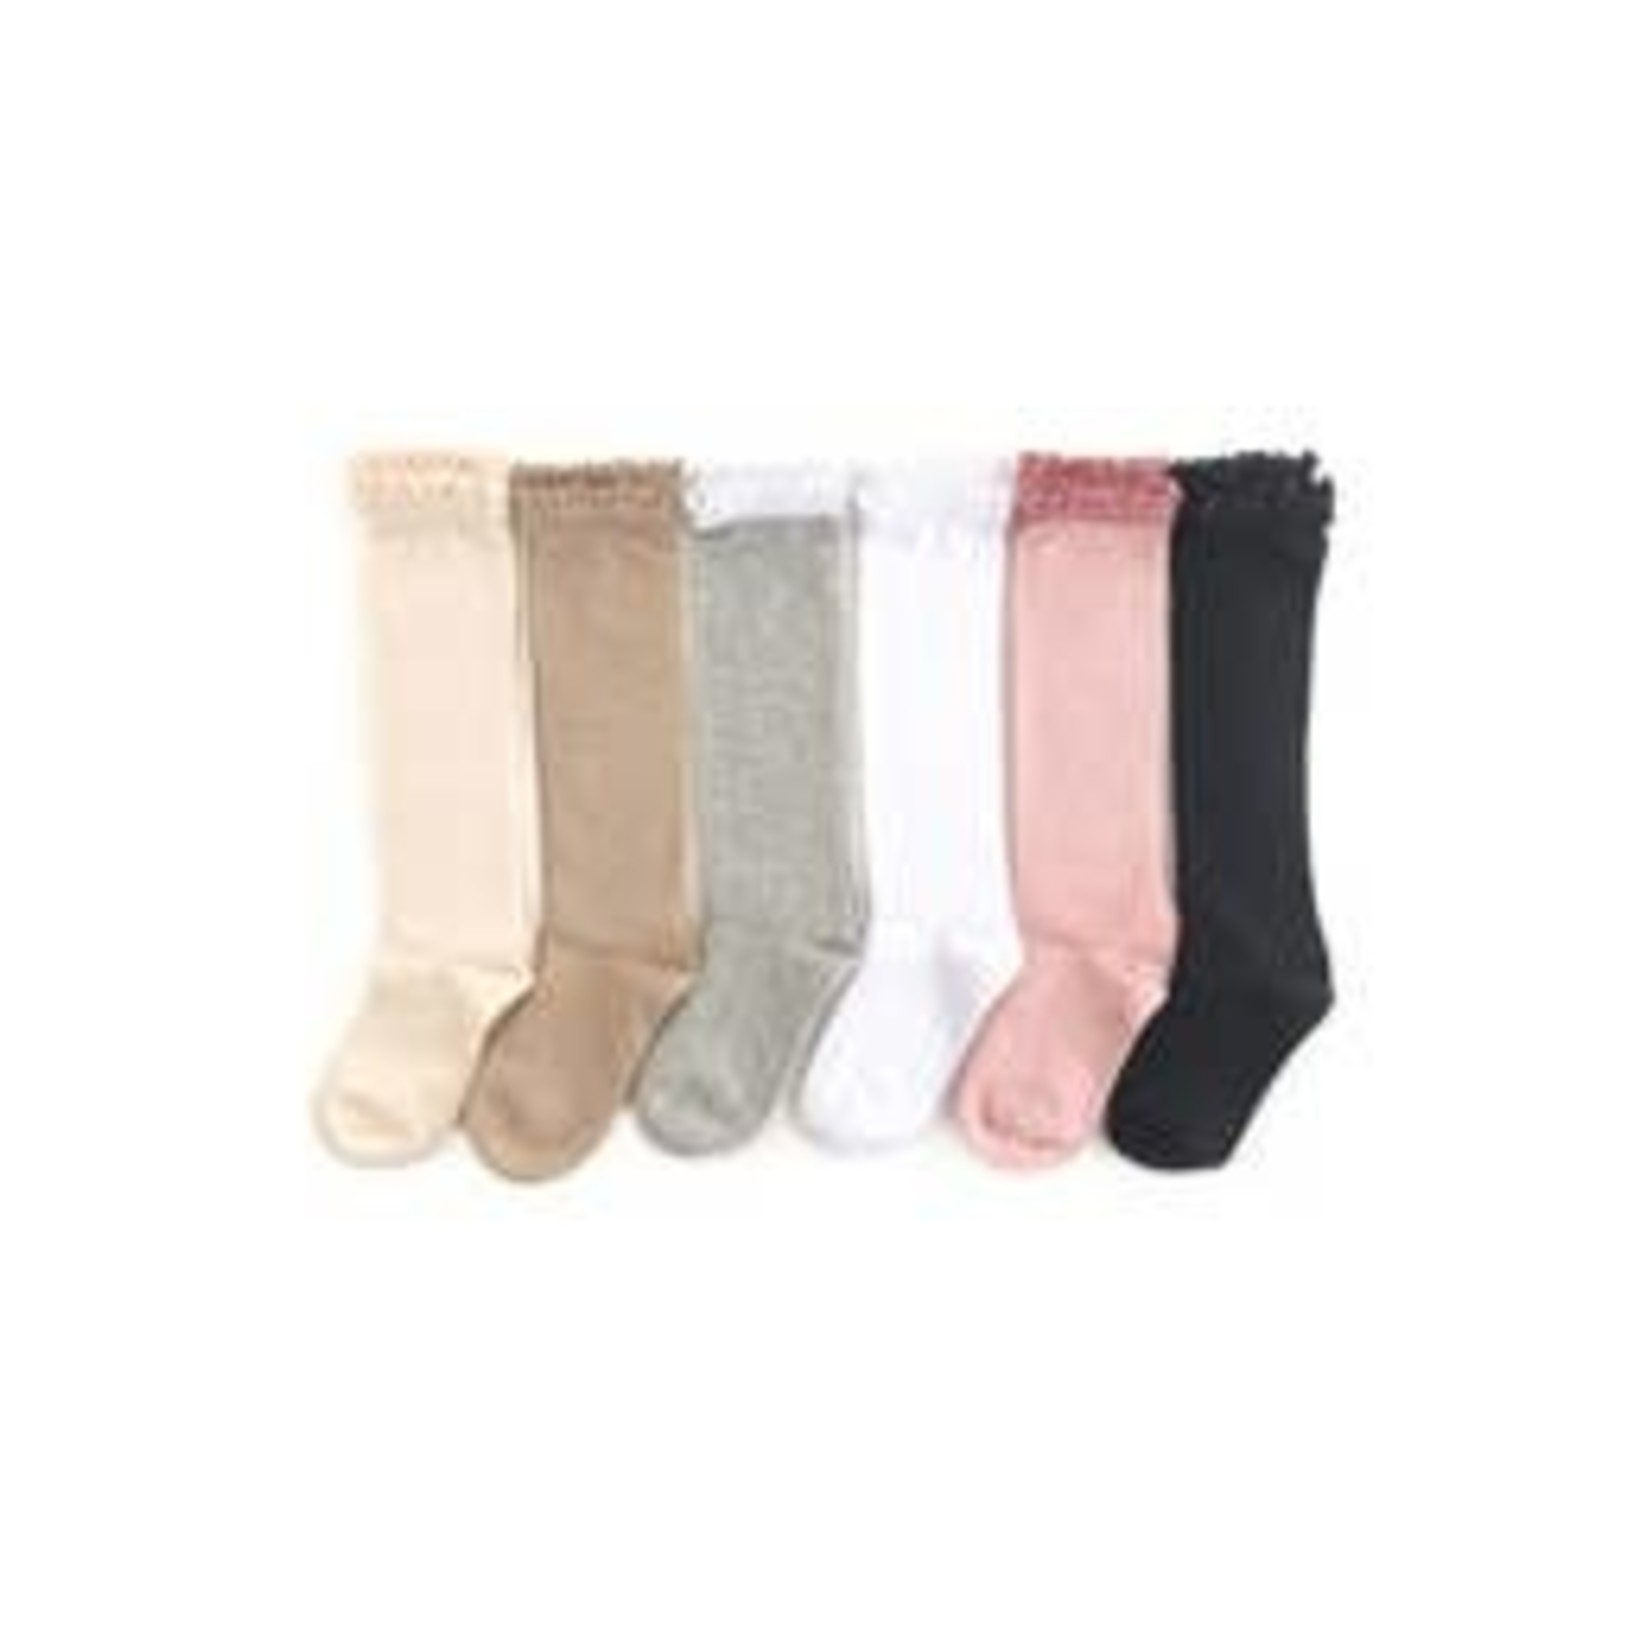 Little Stocking Co. Bundle Lace Top Basics + Neutrals